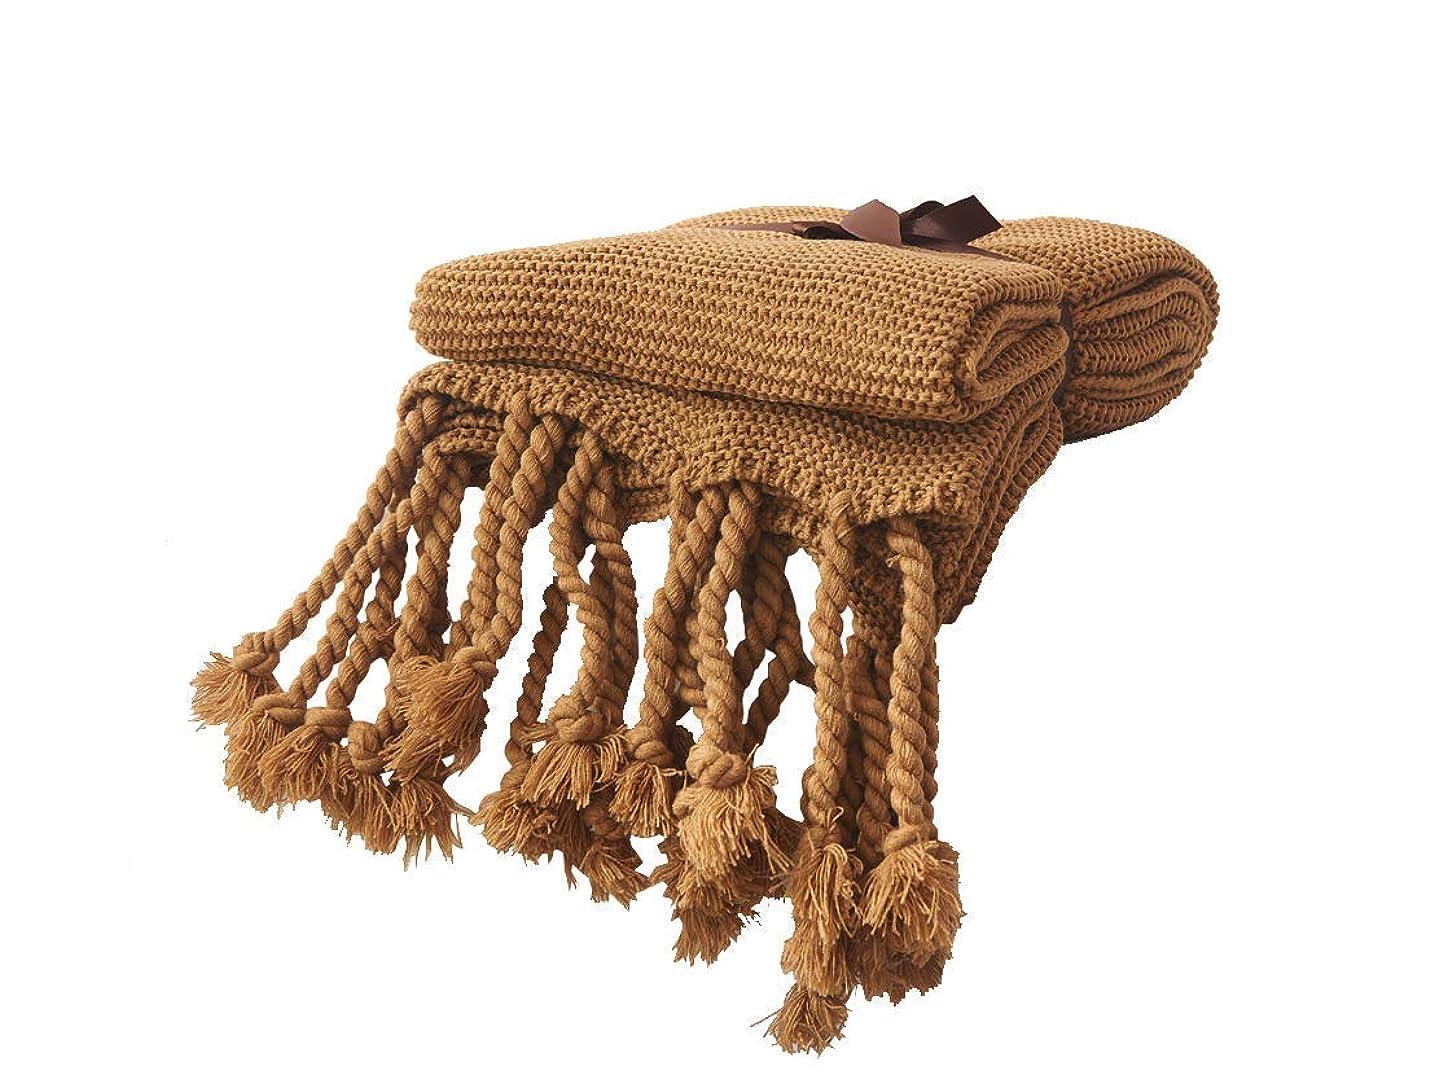 クラック死んでいる不平を言うニットベッドスローブランケットフリンジ付き 北欧風 ホーム デコレーション ソファー カウチ毛布 ひざ掛け(130x170cm,ブラウン)